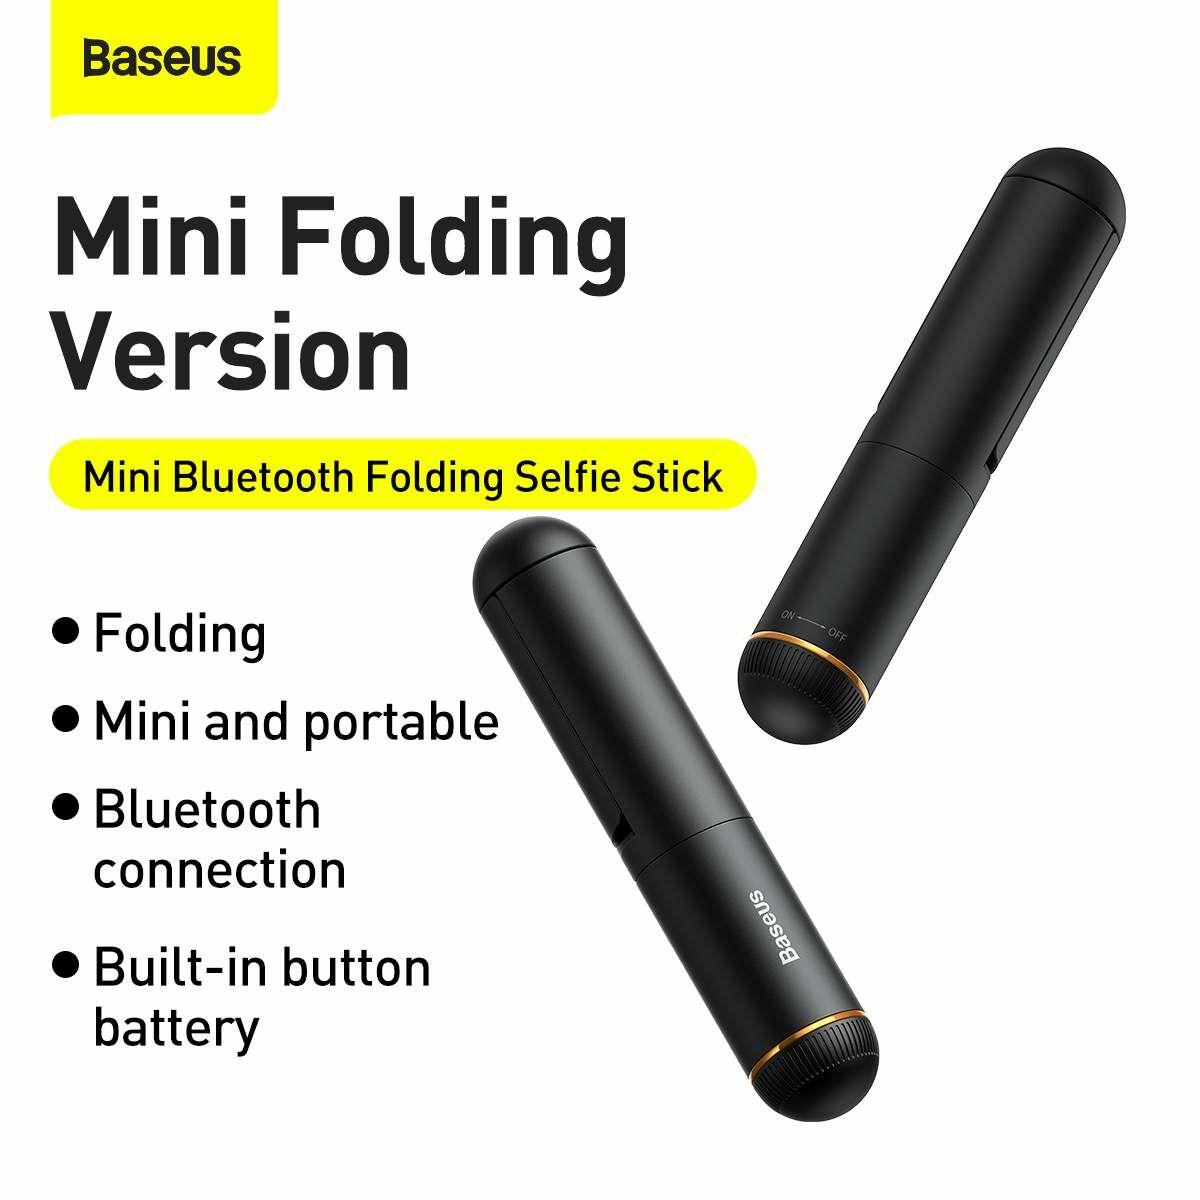 Baseus Video kiegészítő, Ultra Mini Bluetooth Folding Selfie bot, fekete (SUDYZP-G01)